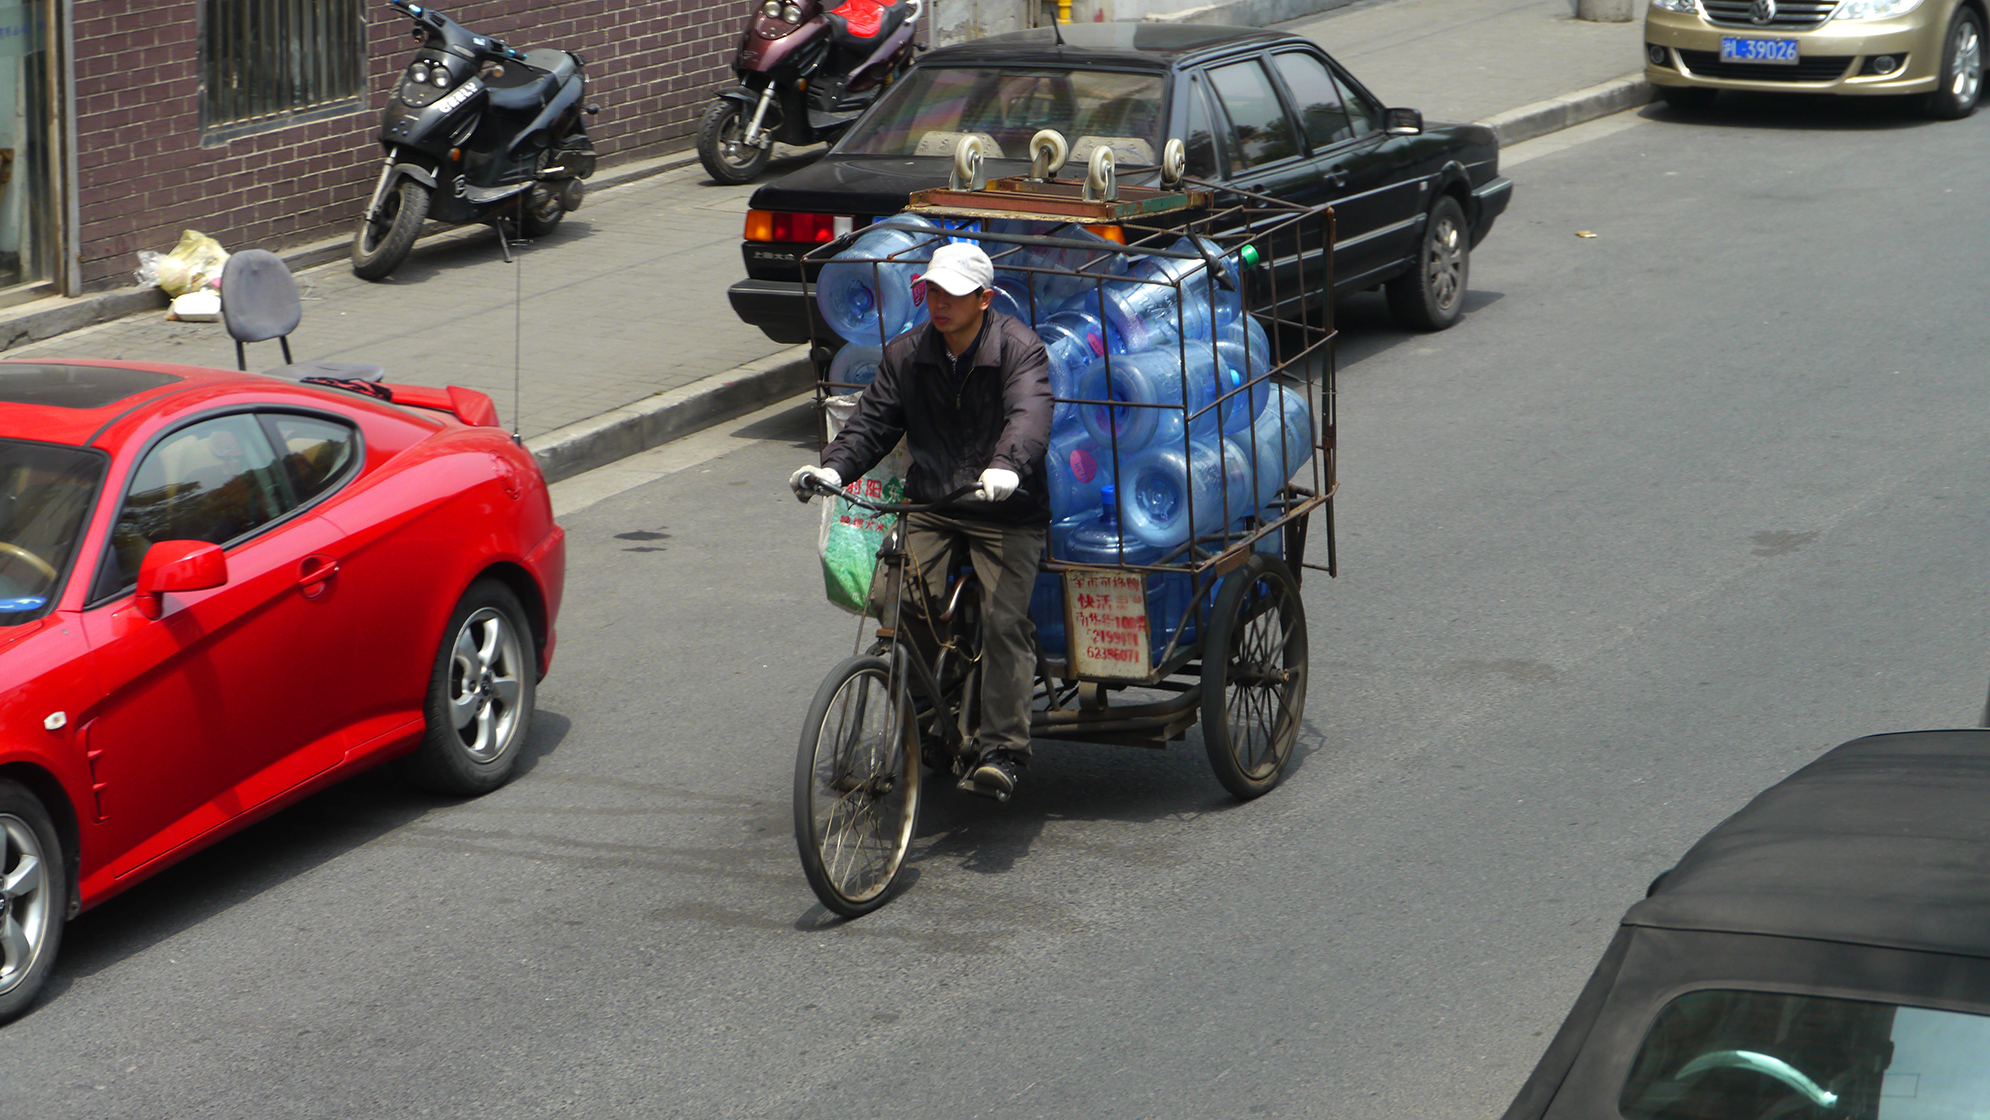 Shanghai_P1050977_01_sm